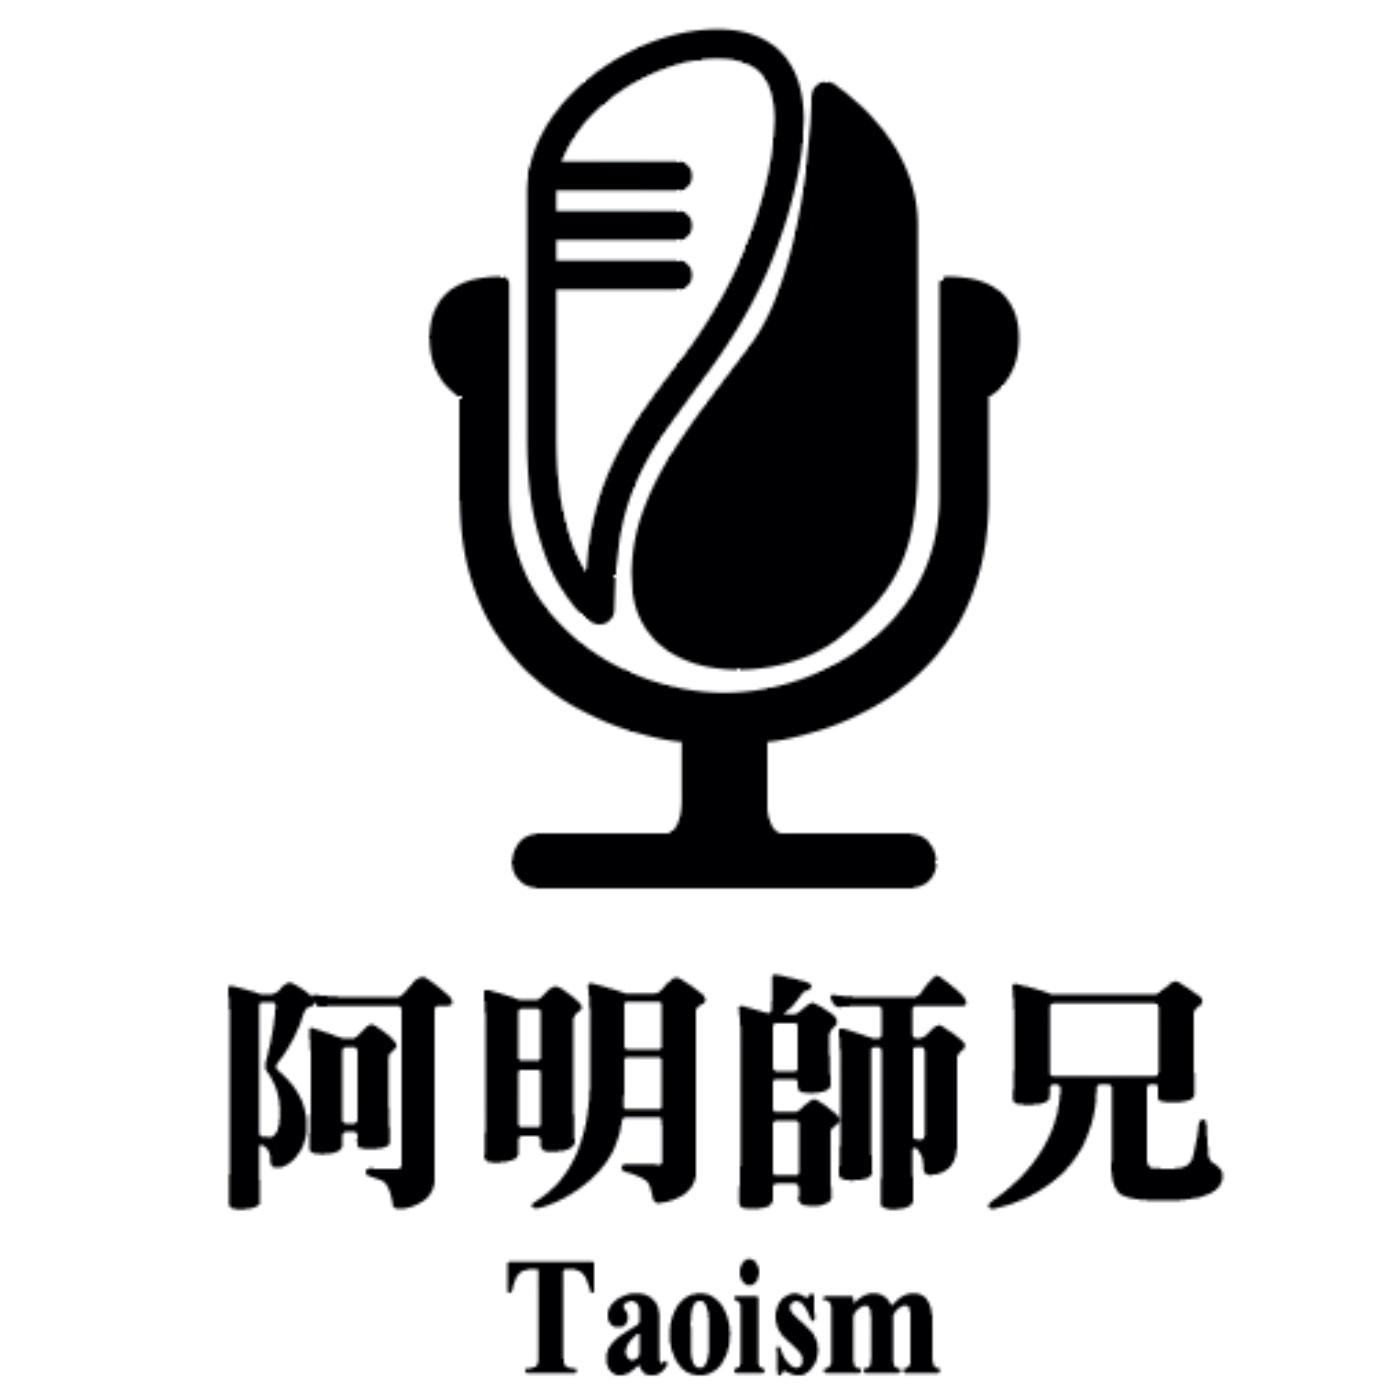 【EP20】另類台灣之光~~~二般神棍喔!!!(因為絕非一般